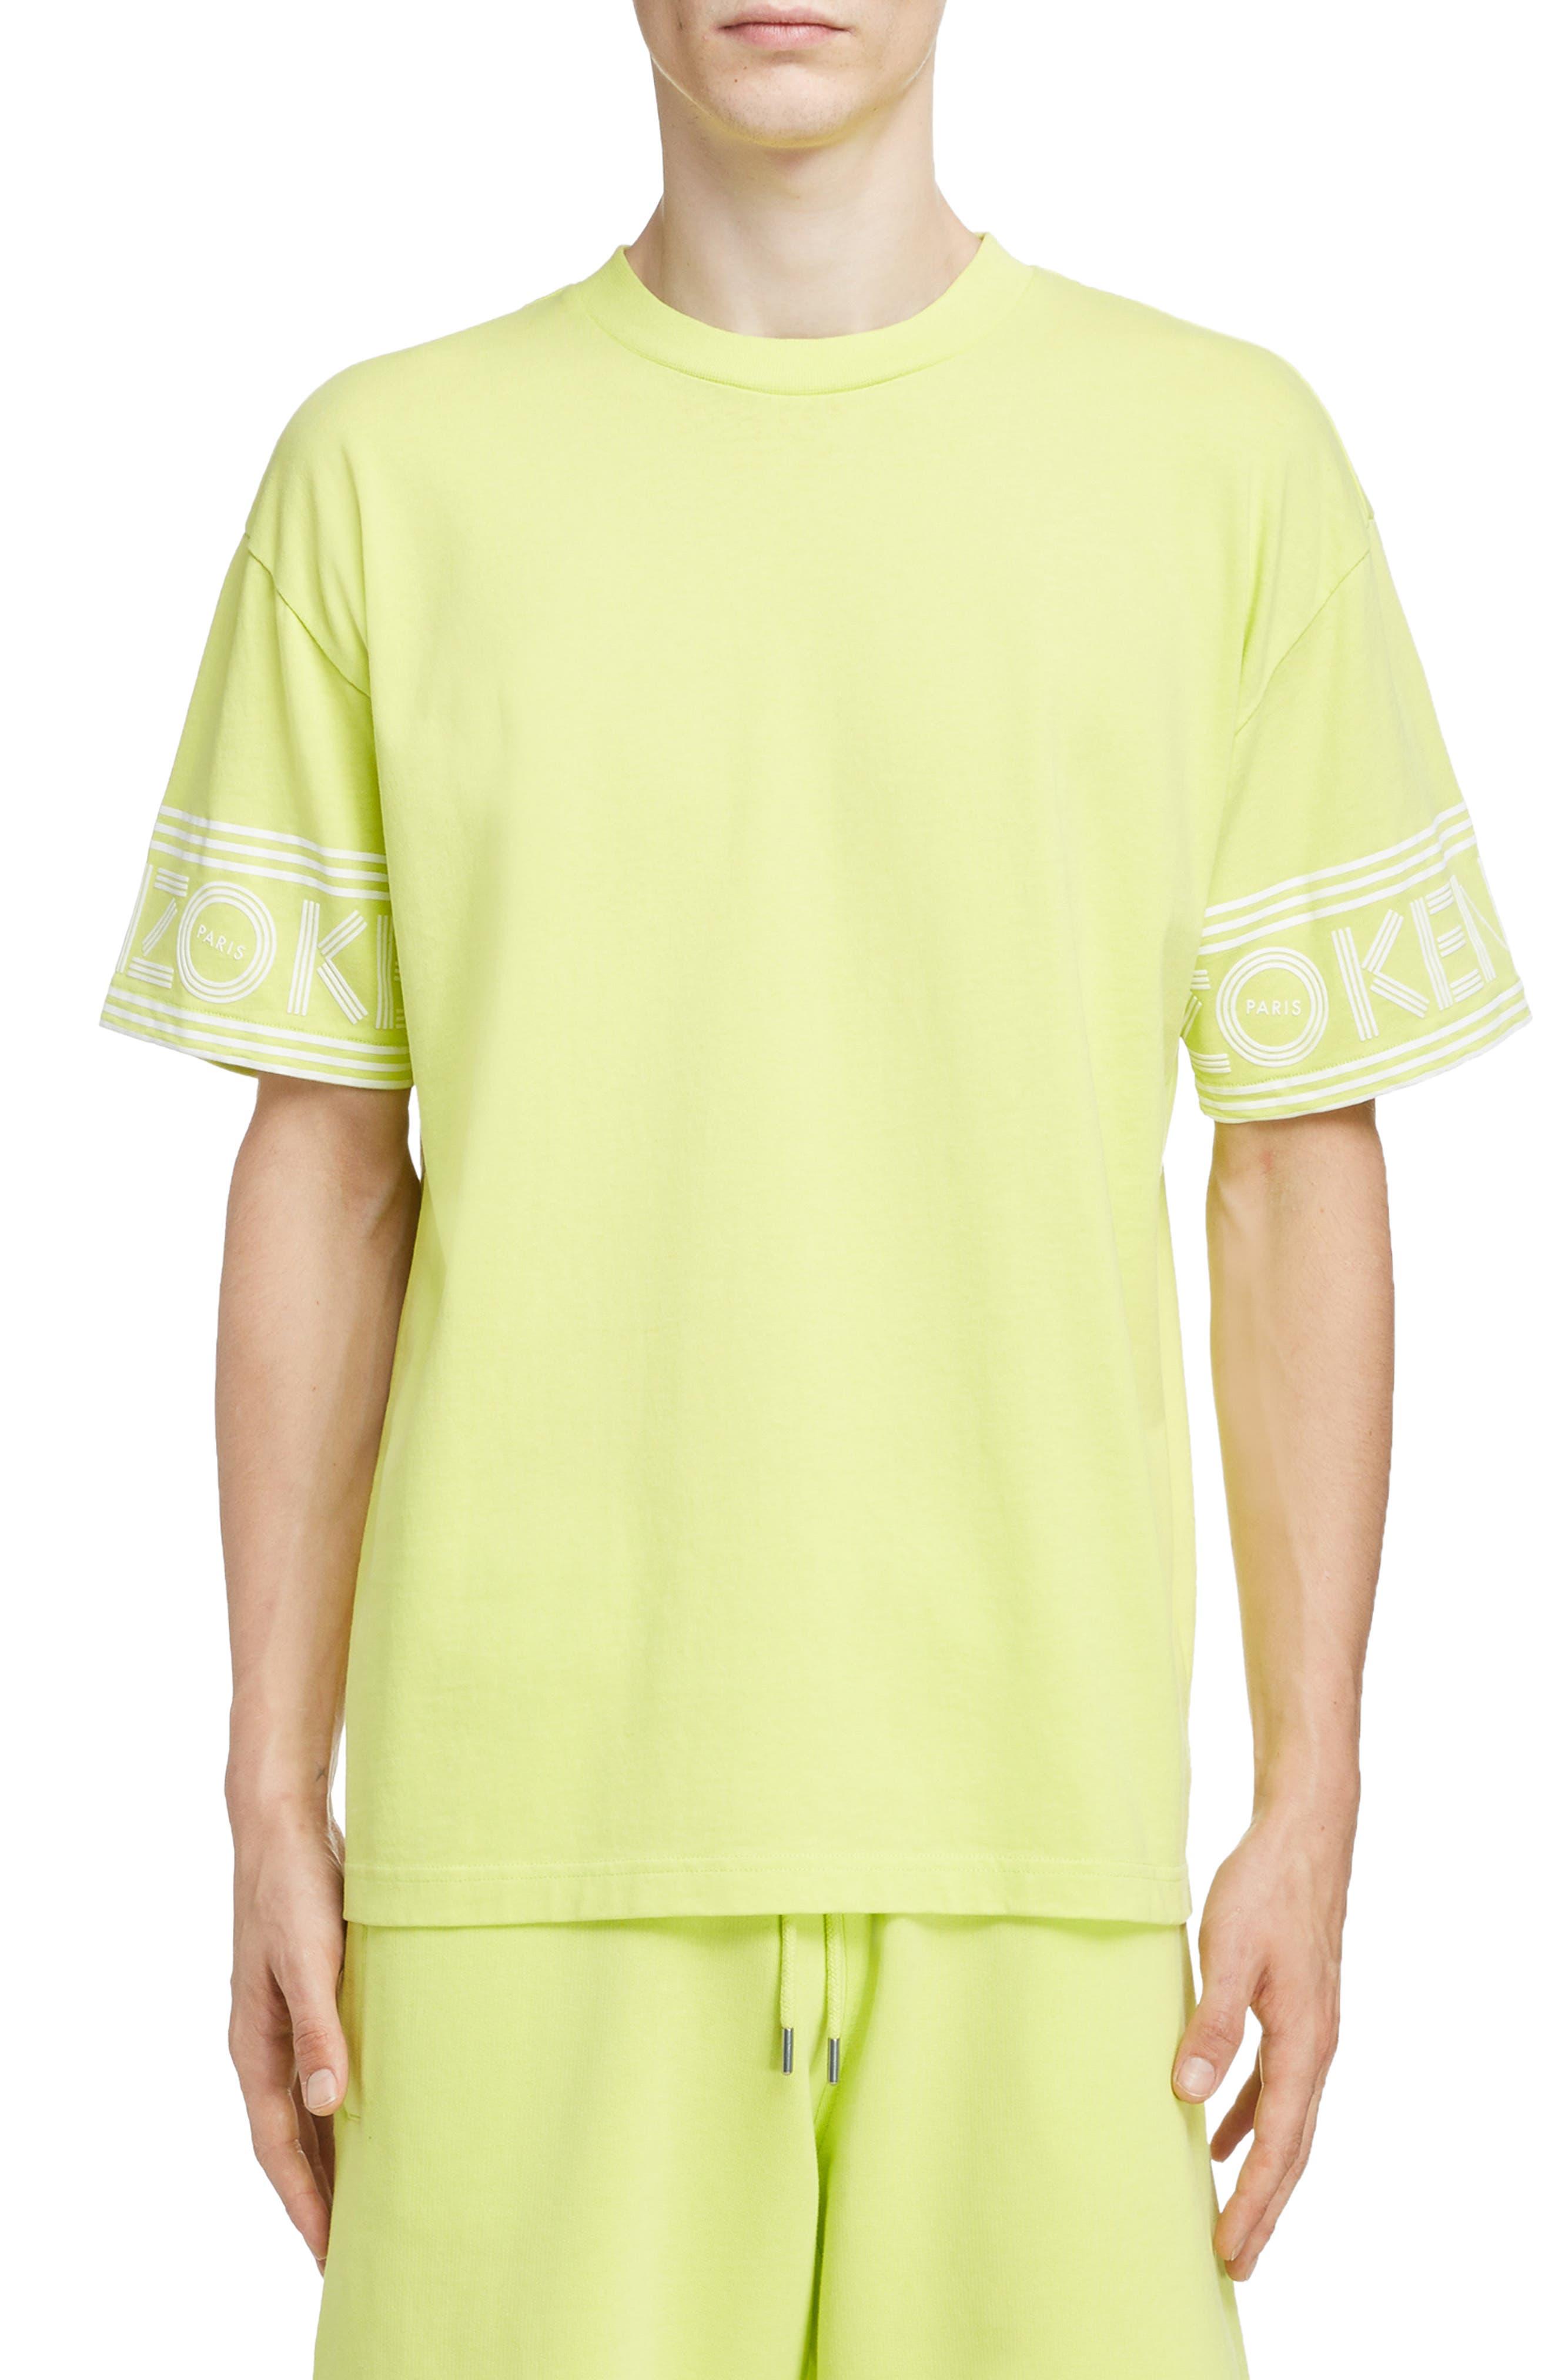 KENZO, Sport Logo T-Shirt, Main thumbnail 1, color, LEMON